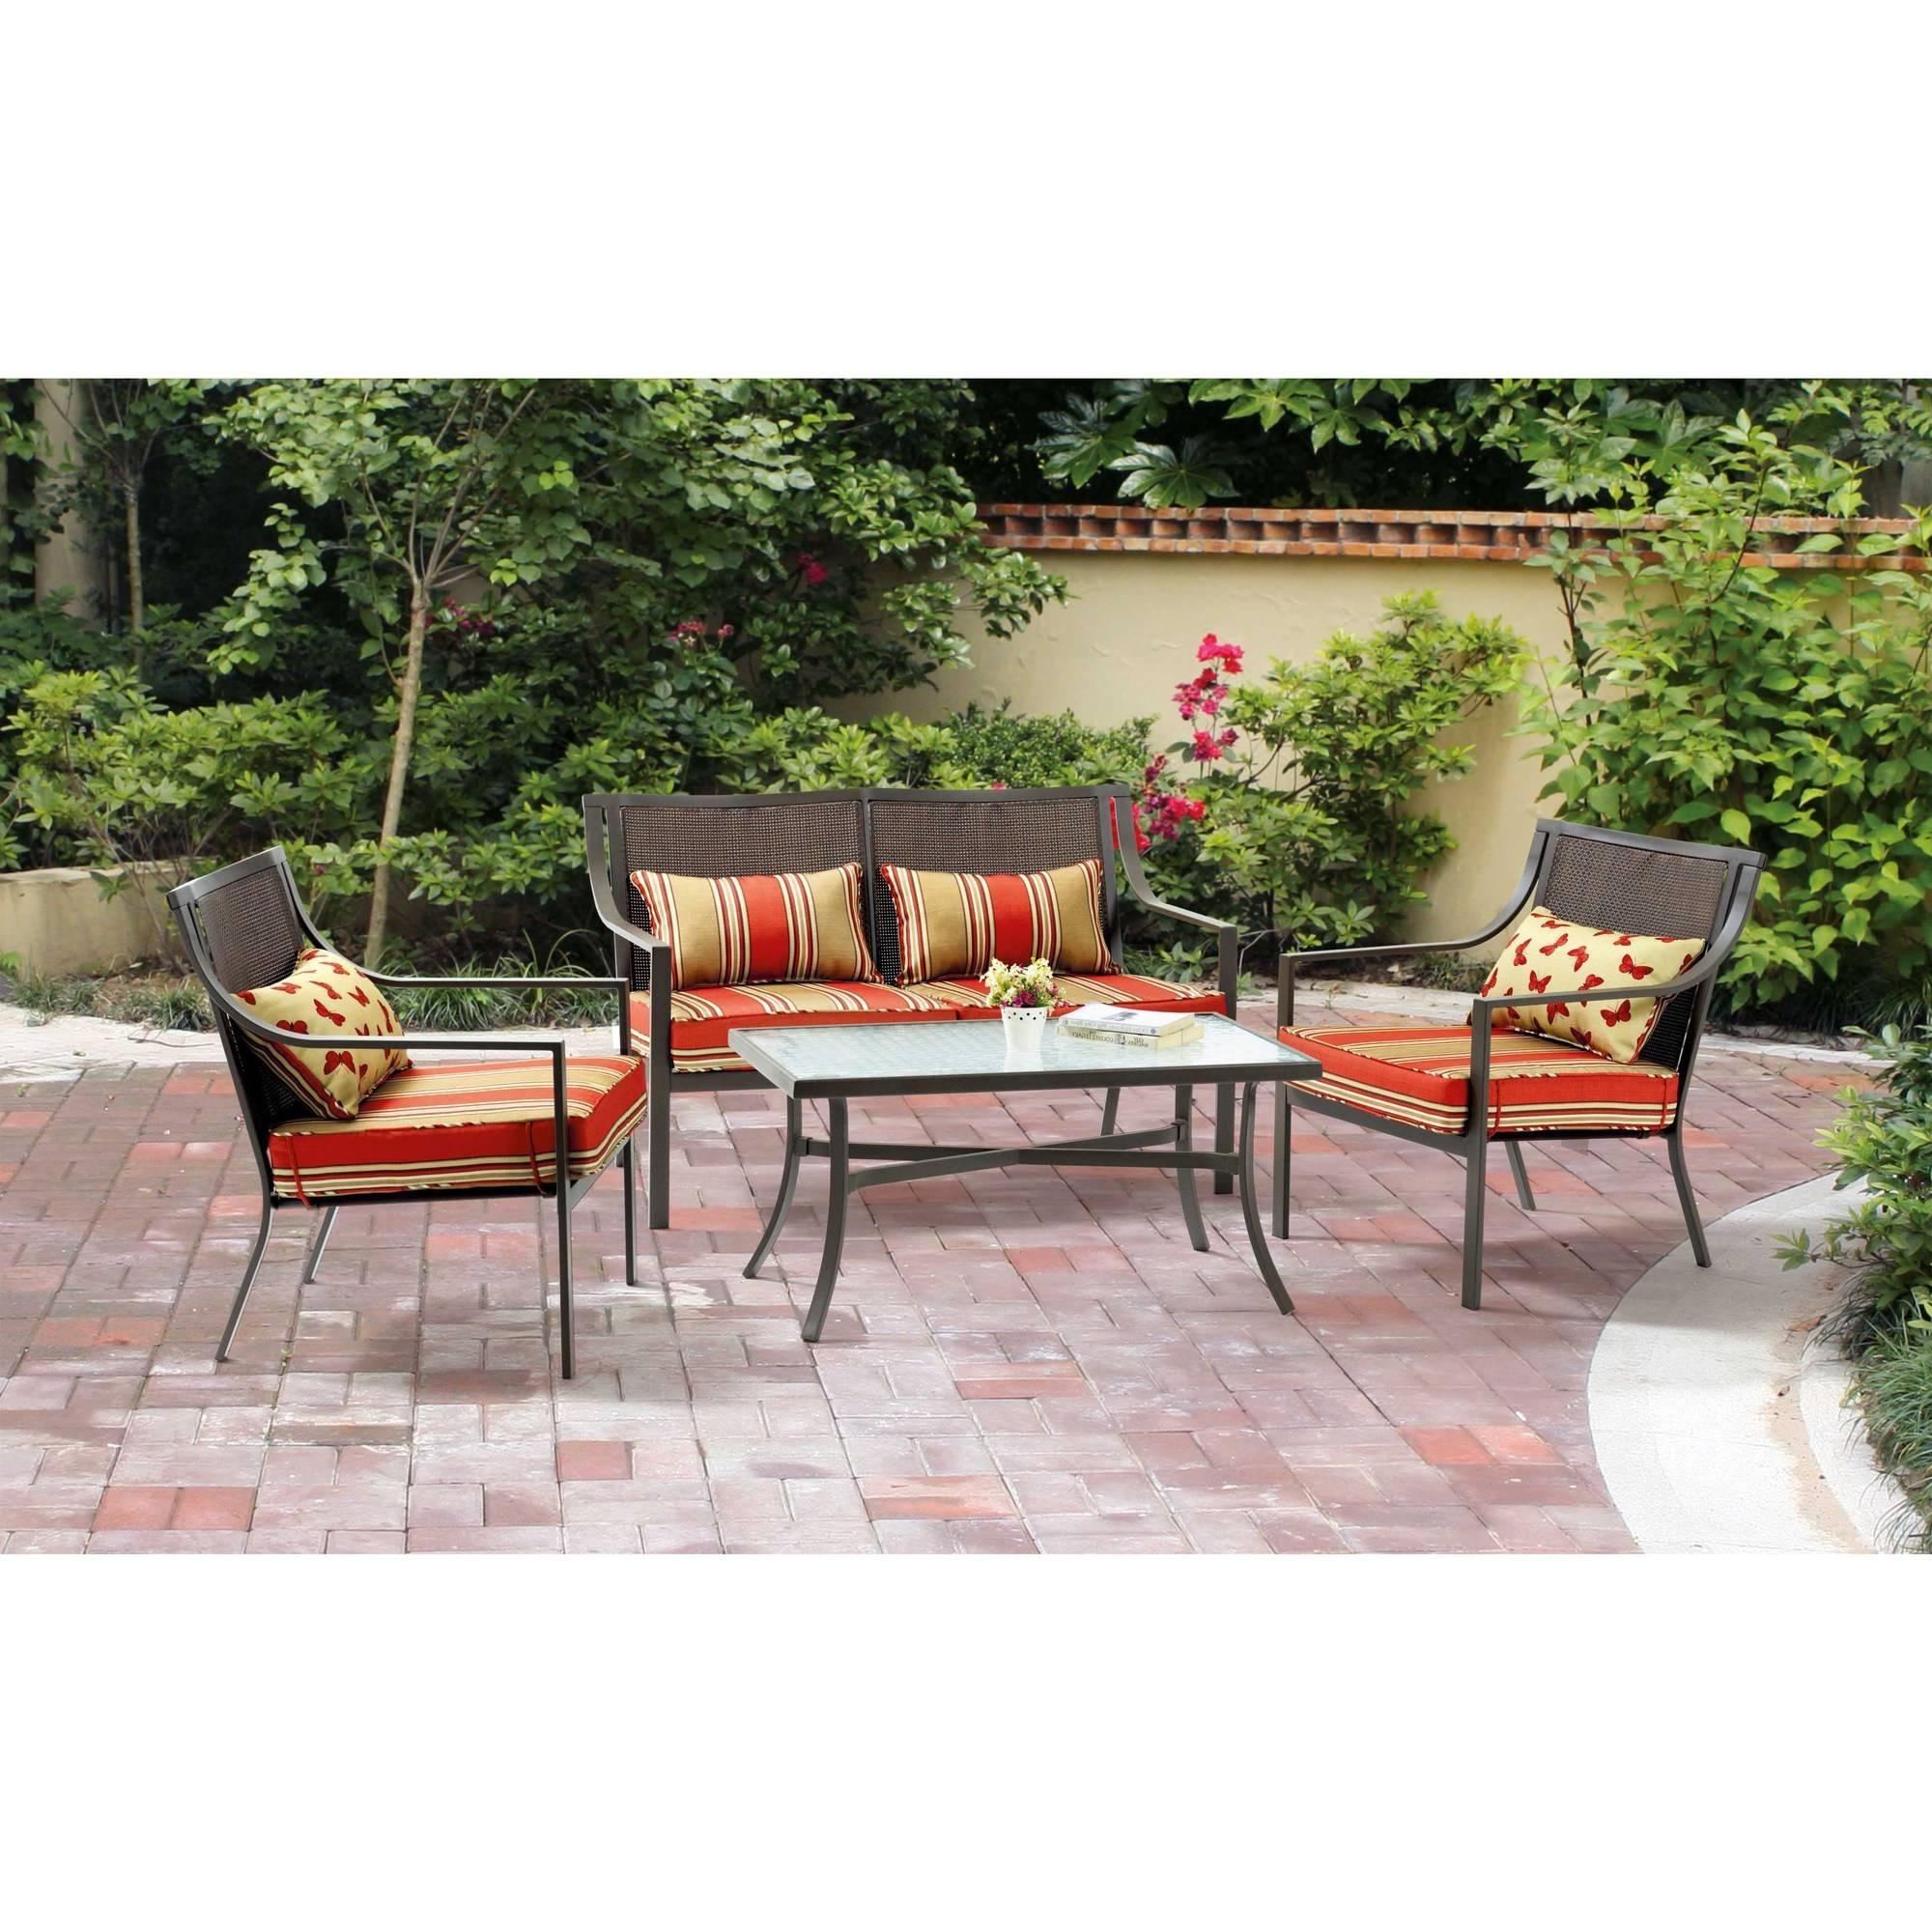 Baner Garden Outdoor Furniture Complete Patio Pe Wicker Rattan With Regard To 2019 Jewel Patio Umbrellas (View 3 of 20)